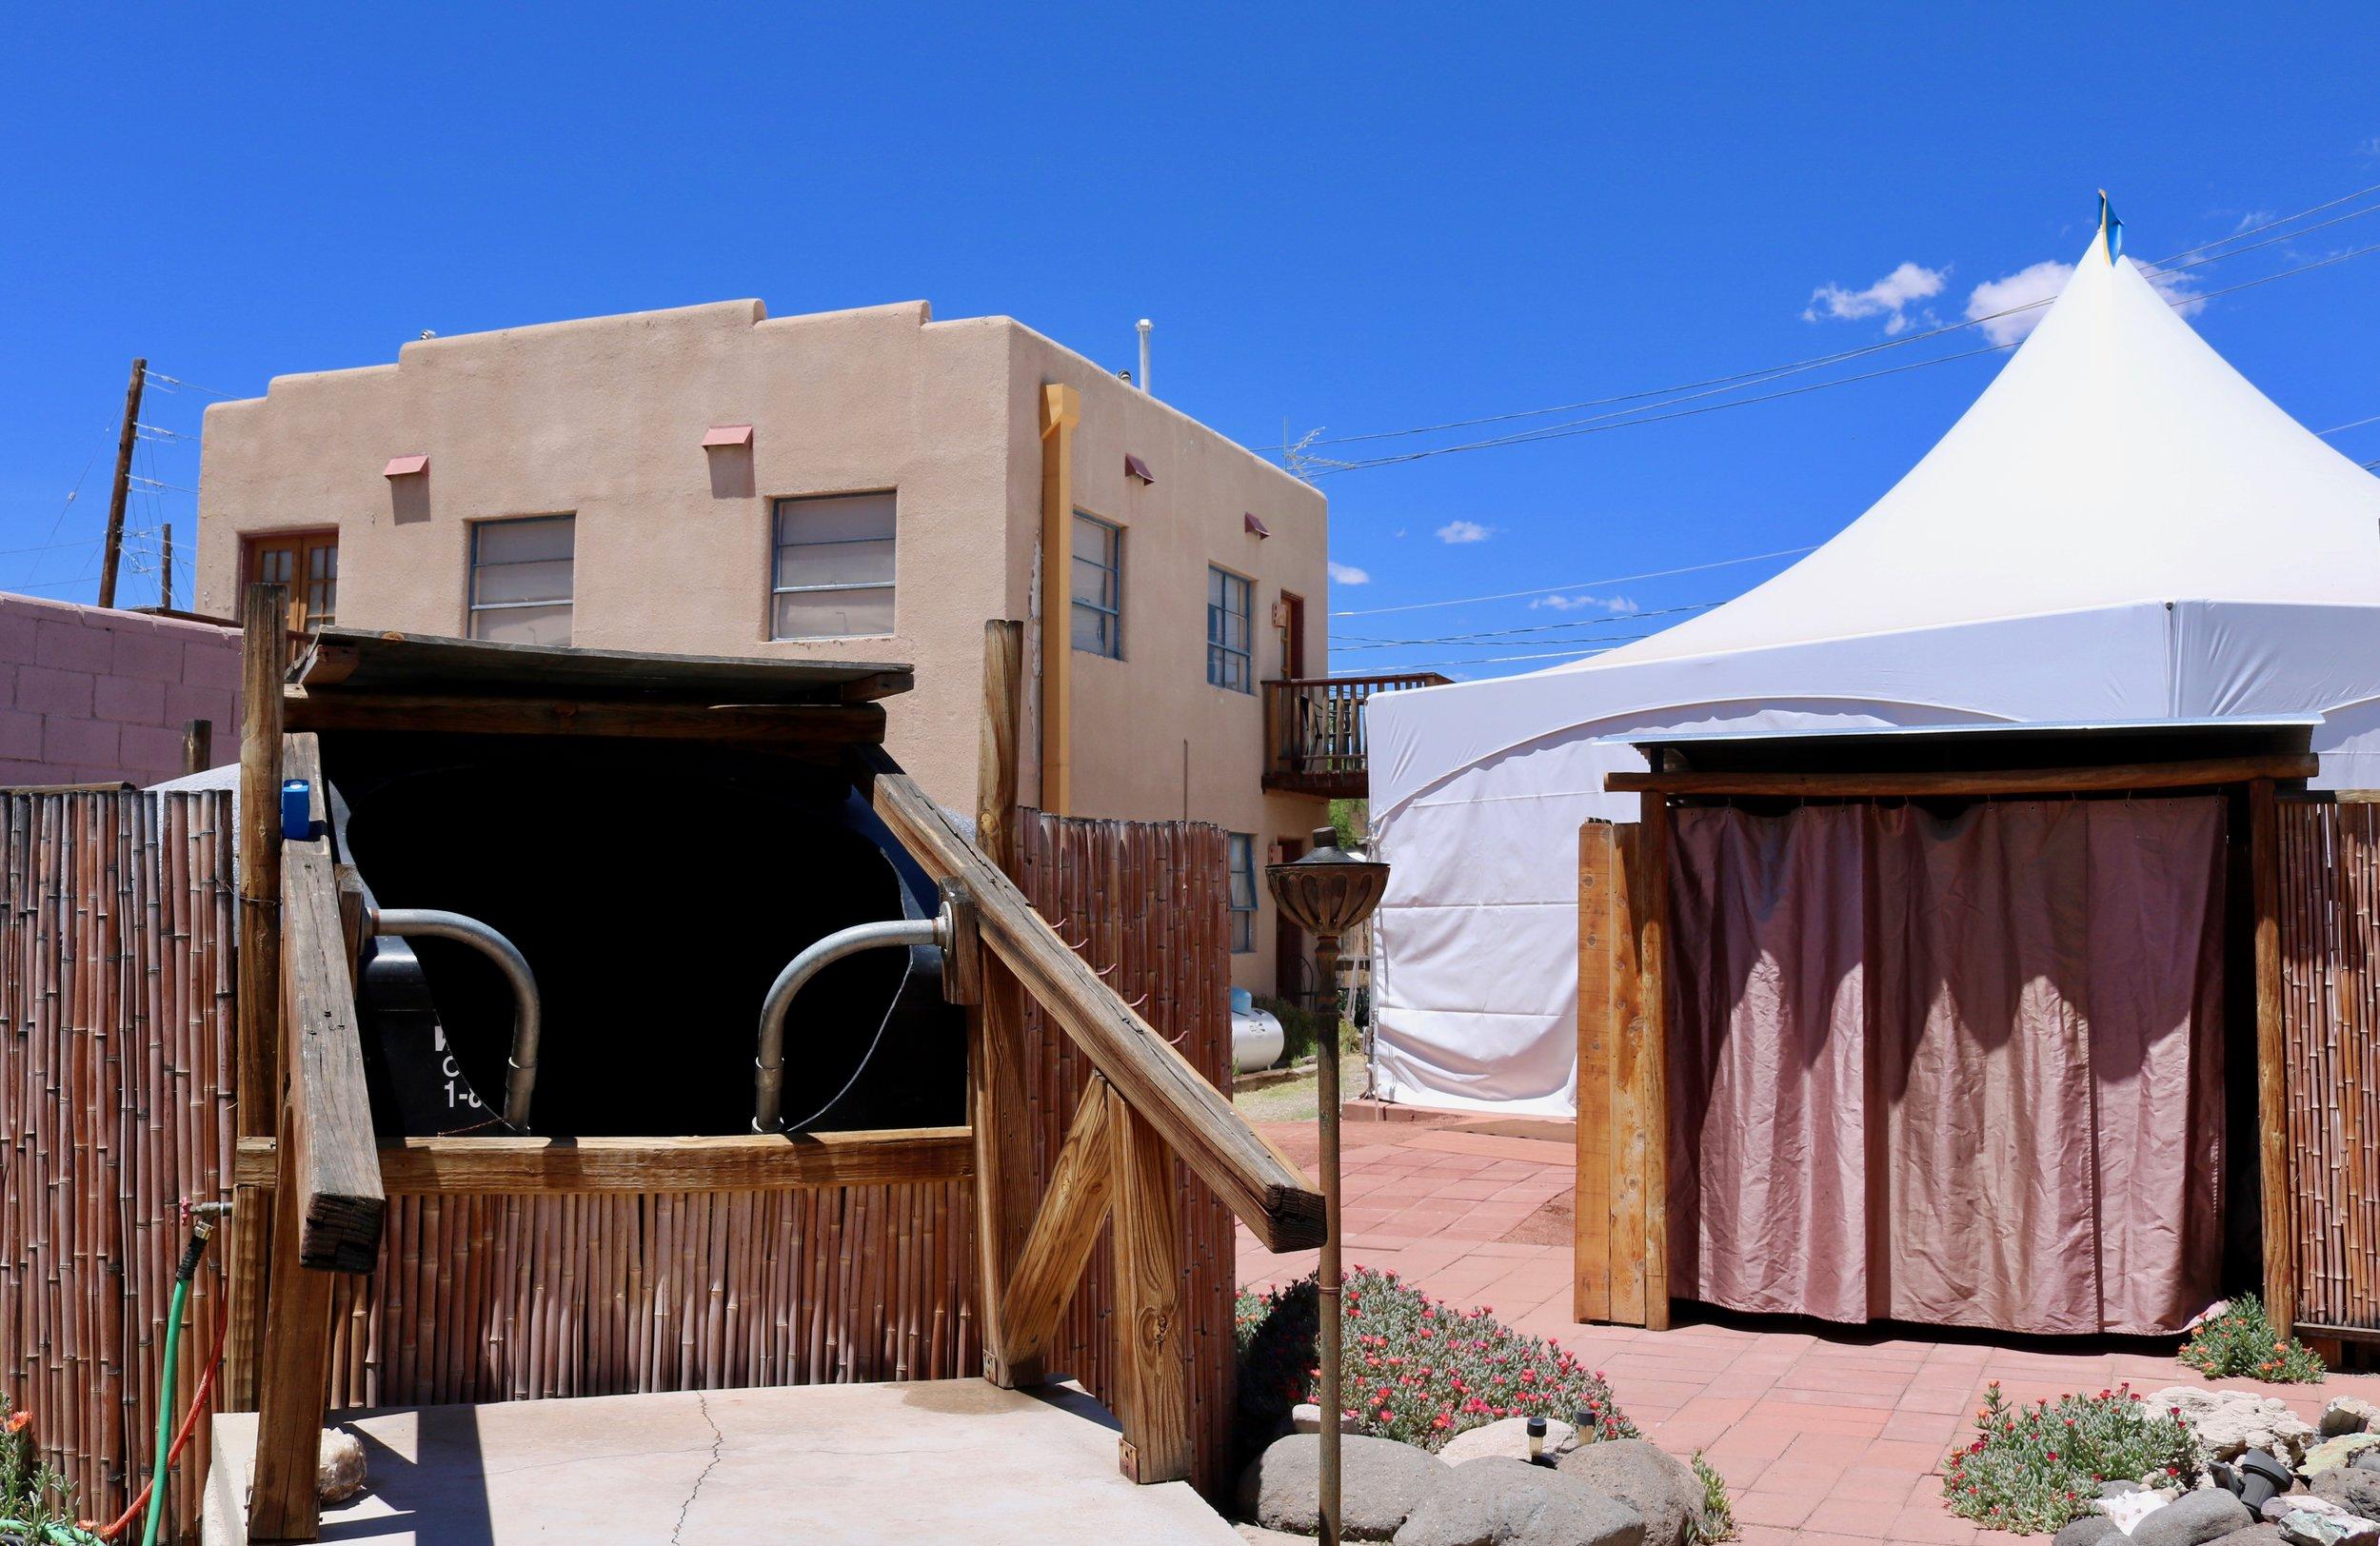 II grounds - turtle tank, tent, building.jpg